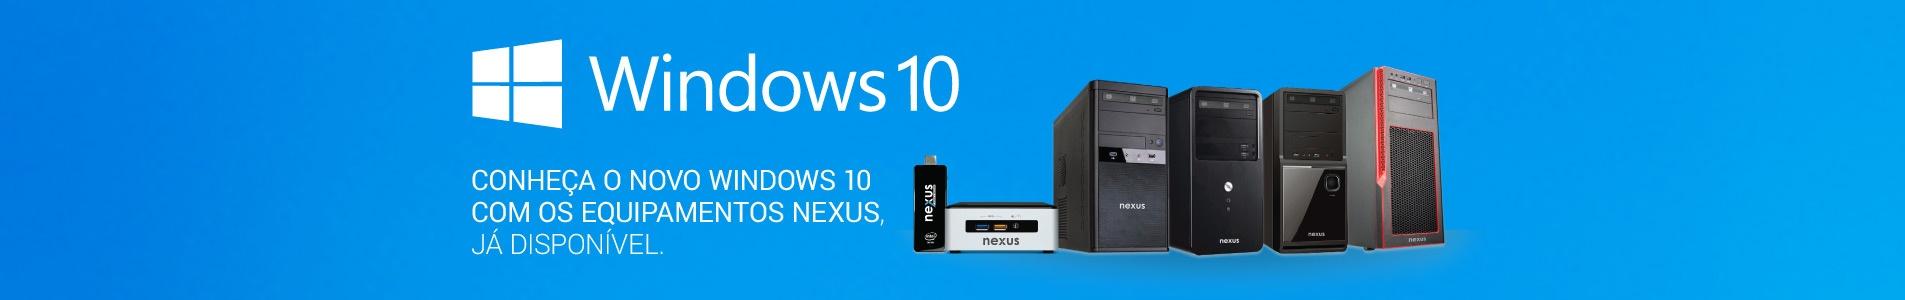 Windows 10 com NEXUS